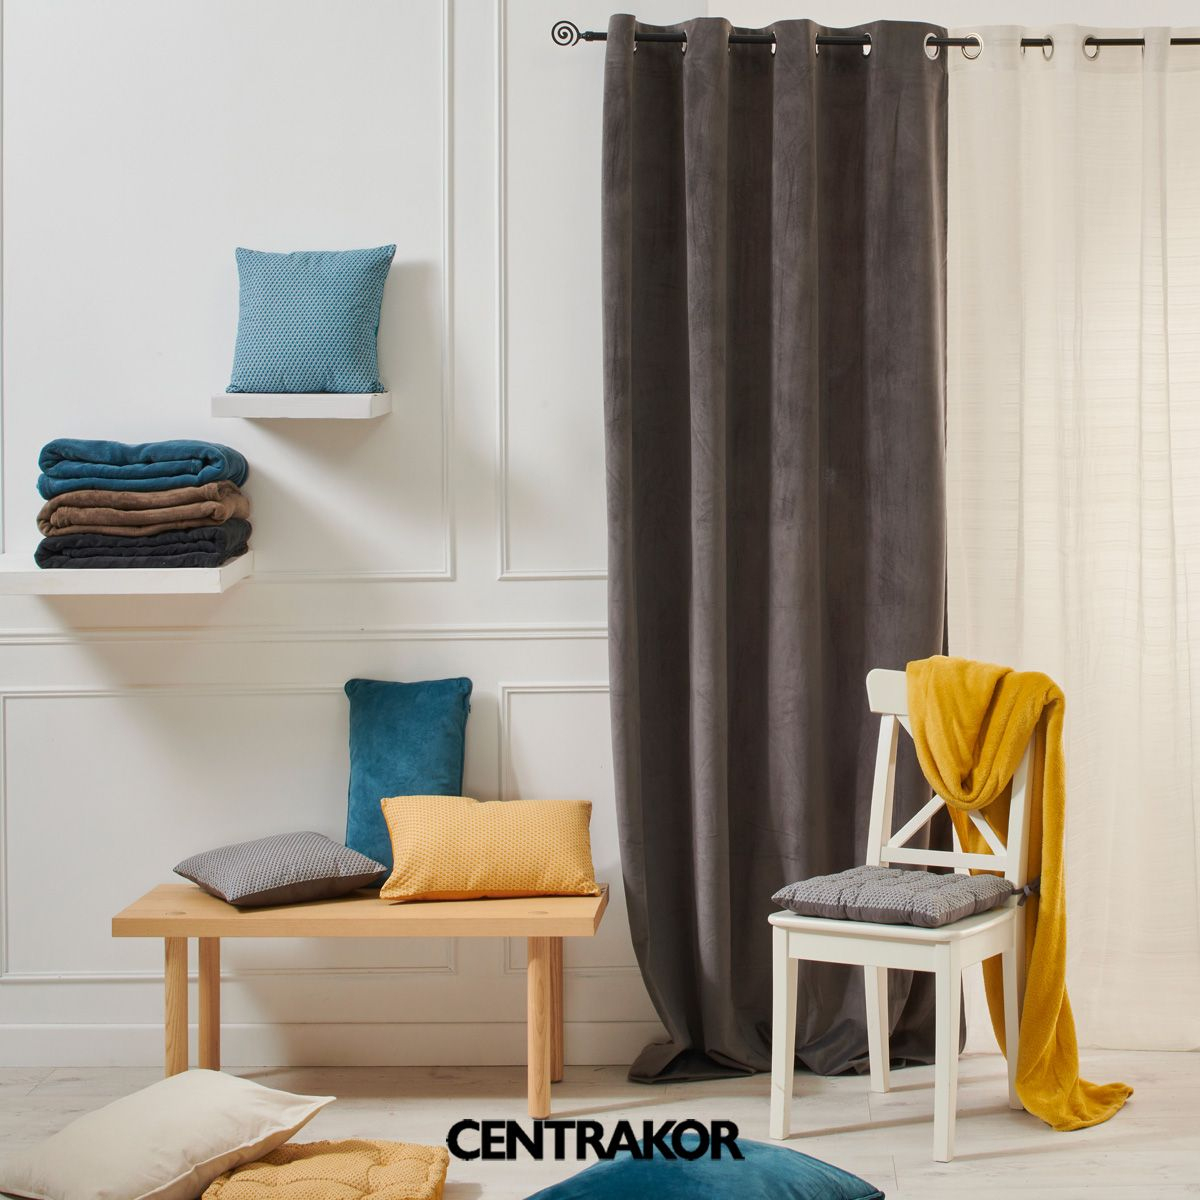 Mon Linge De Maison En 2020 | Mobilier De Salon, Idée De avec Rideau De Porte Centrakor